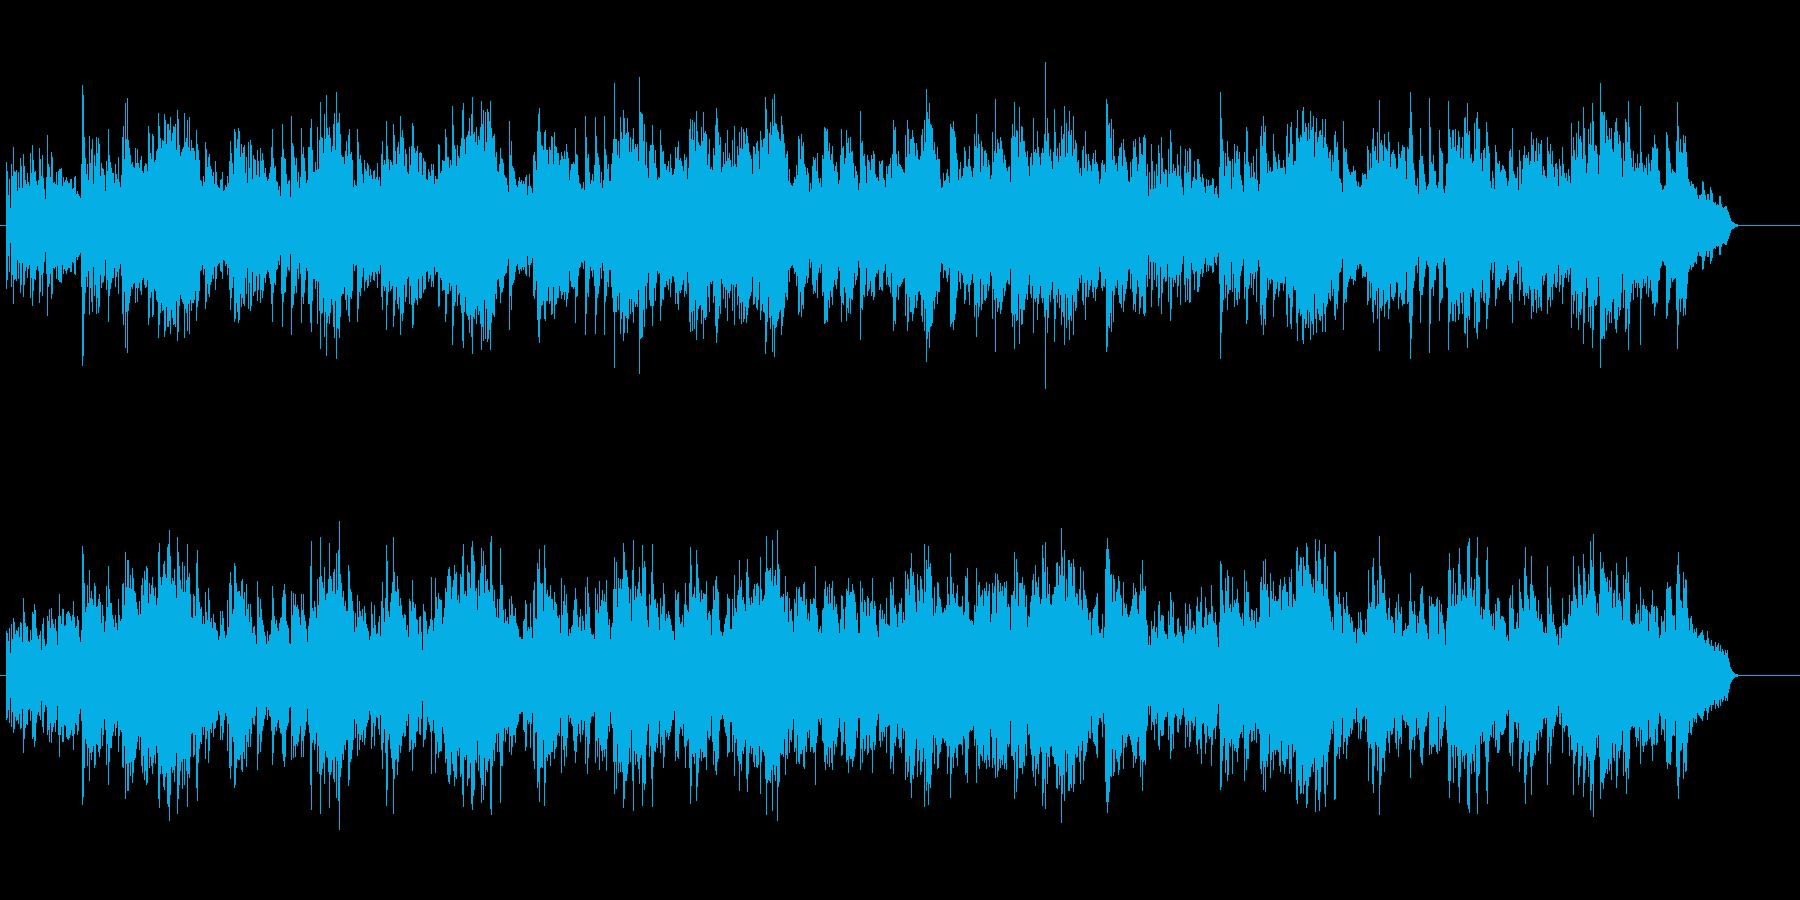 安らぎとロマンのアコースティックの再生済みの波形